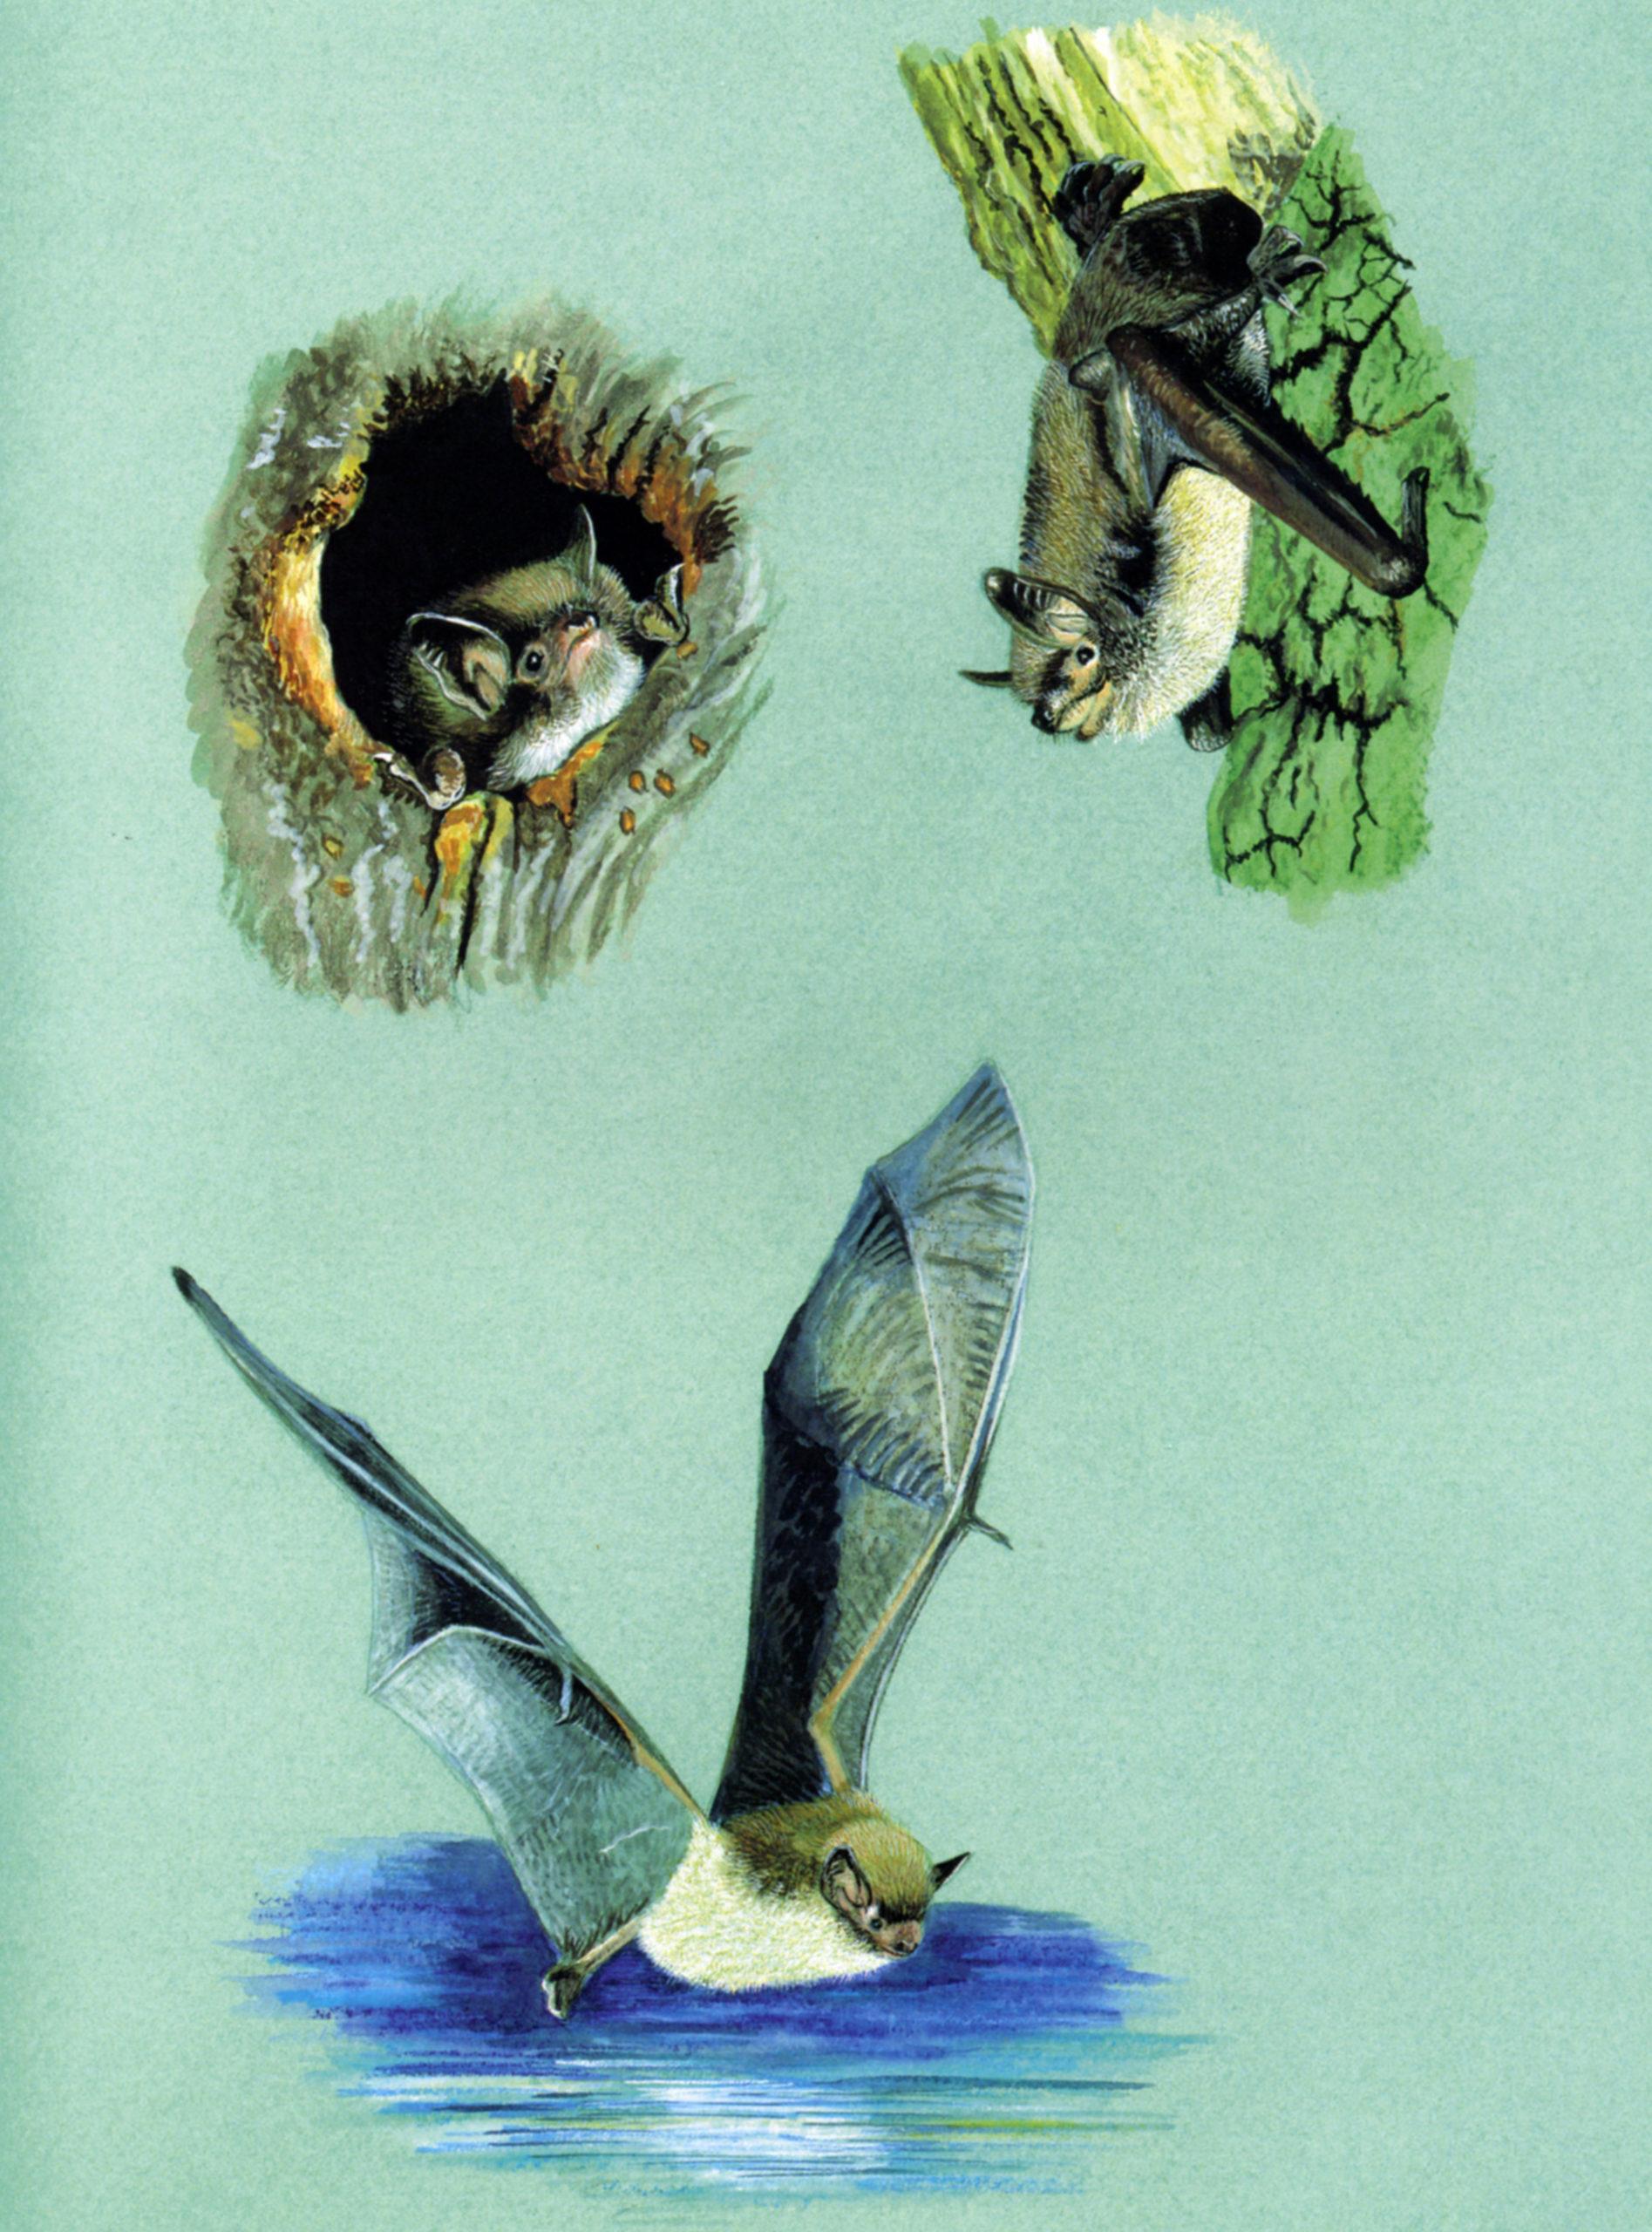 Vespertilio-di-Daubenton-Myotis-daubentonii